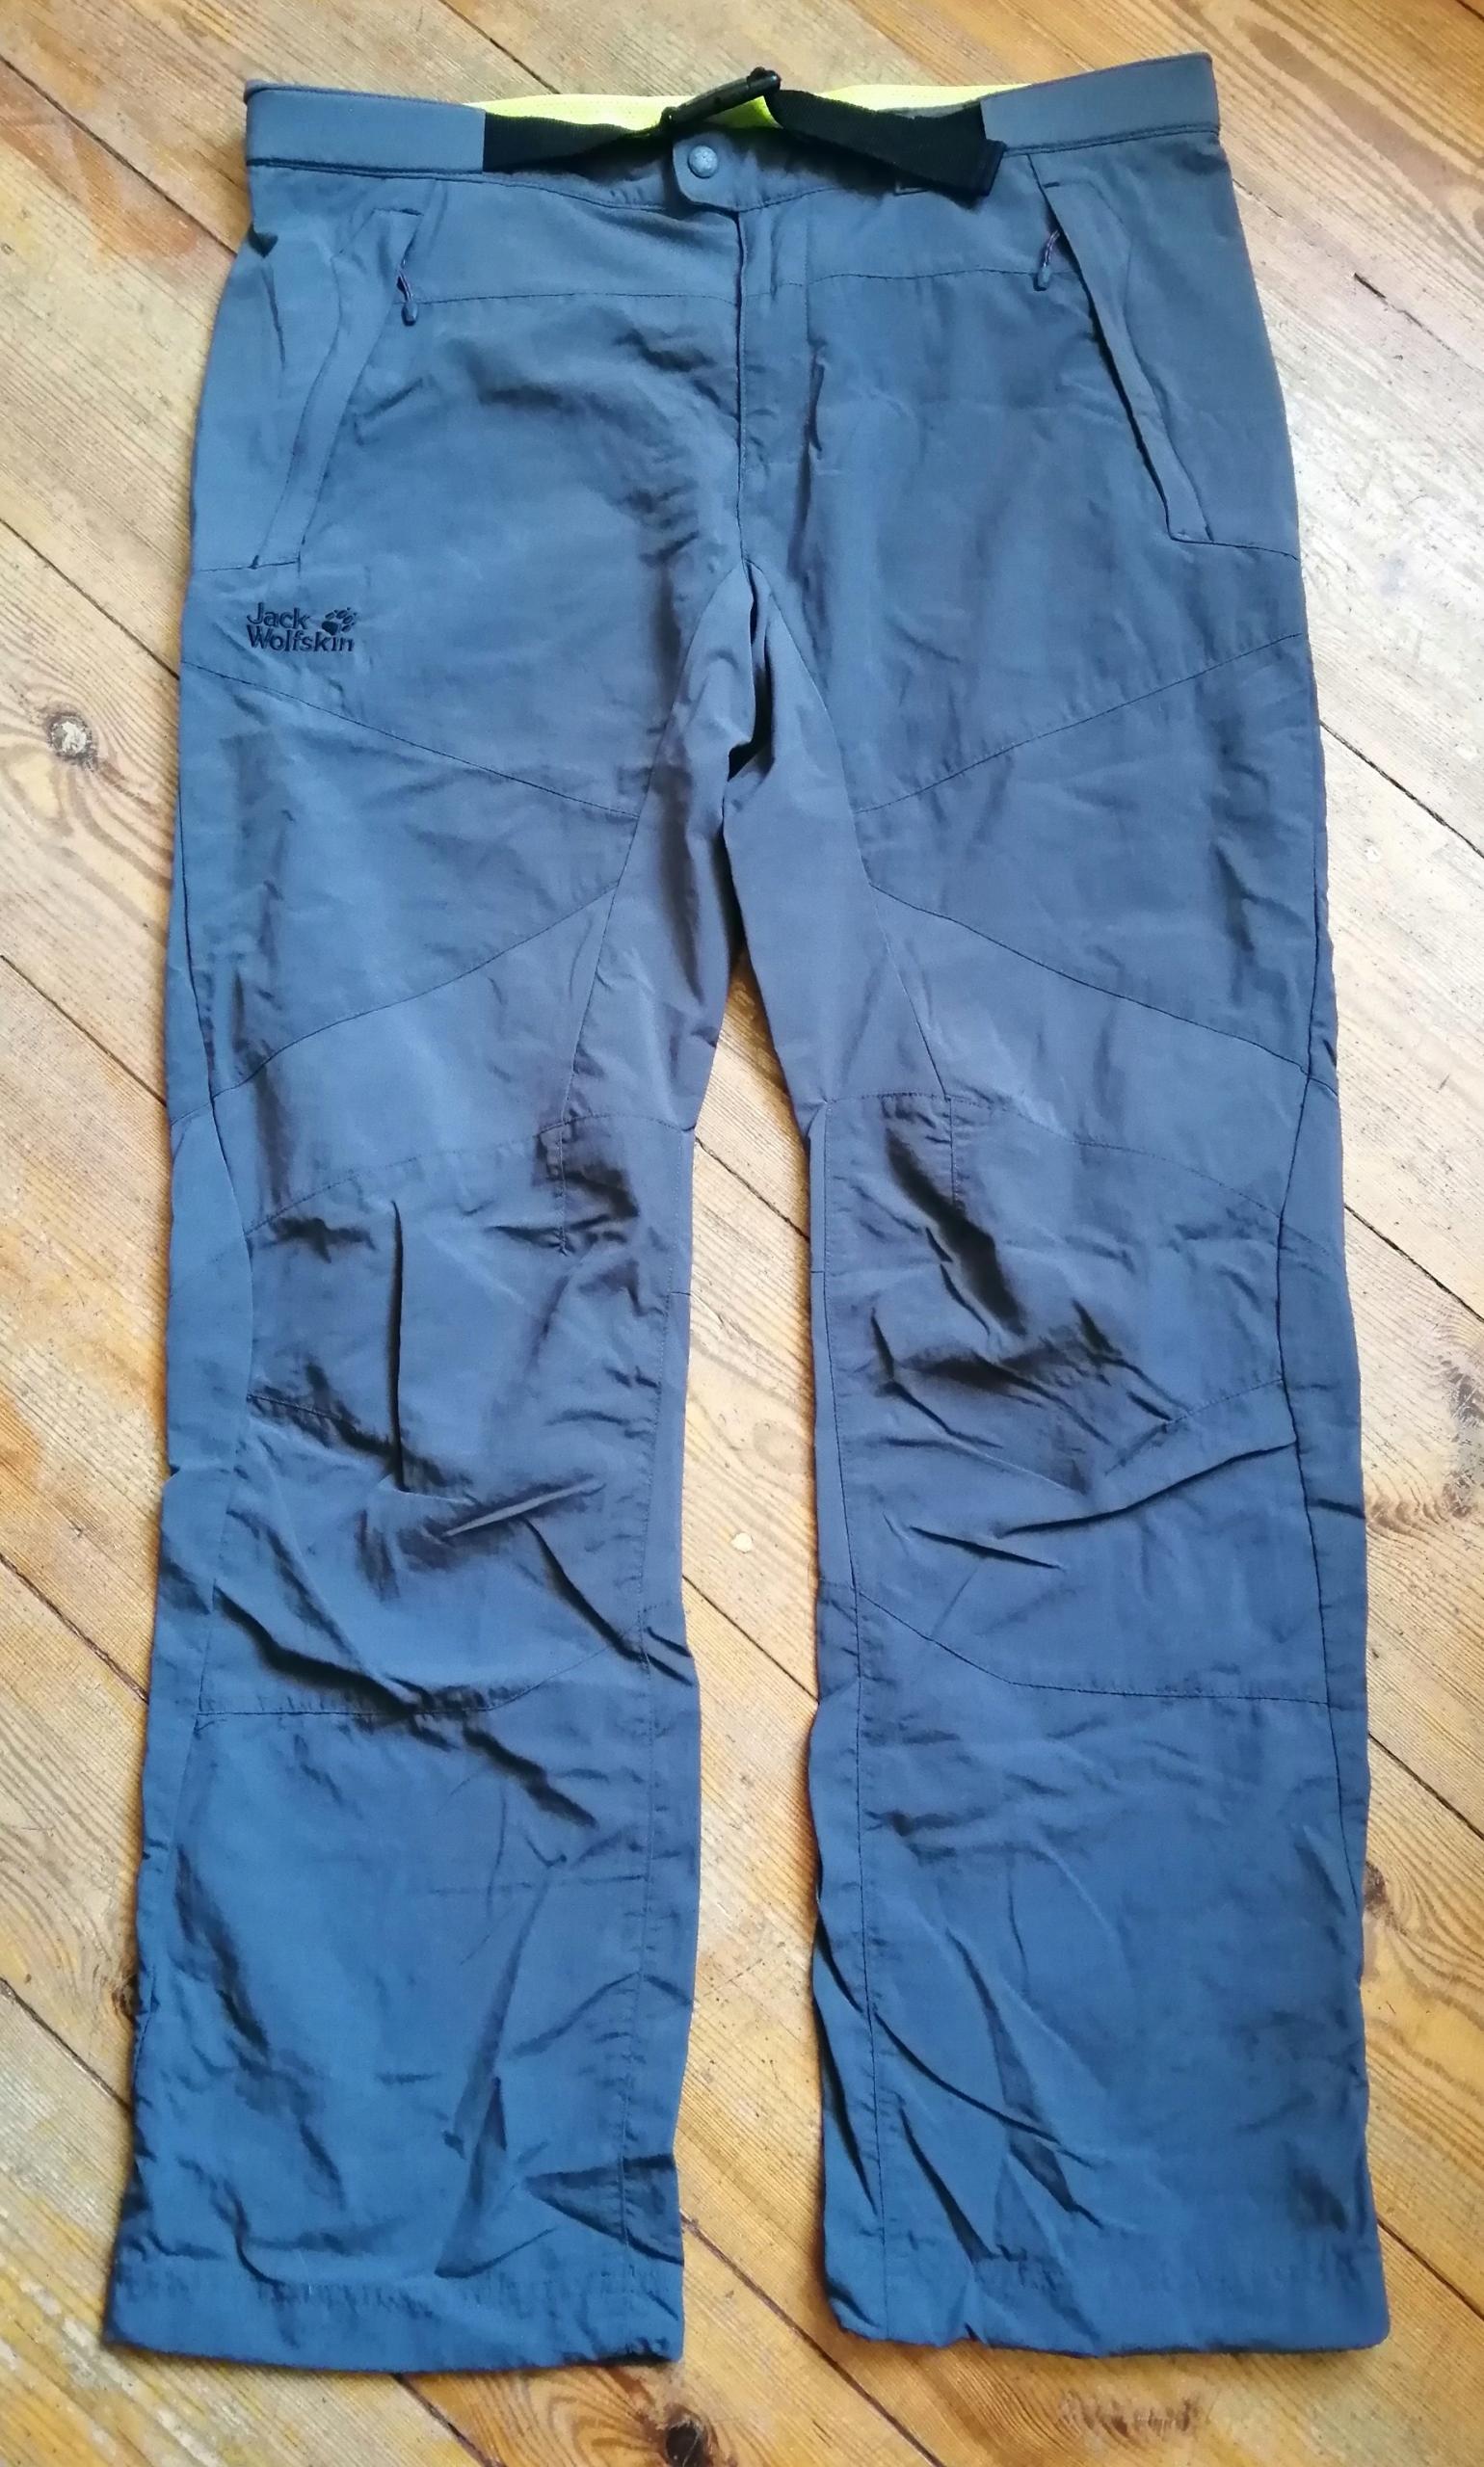 JACK WOLFSKIN, spodnie trekkingowe, rozm. XL